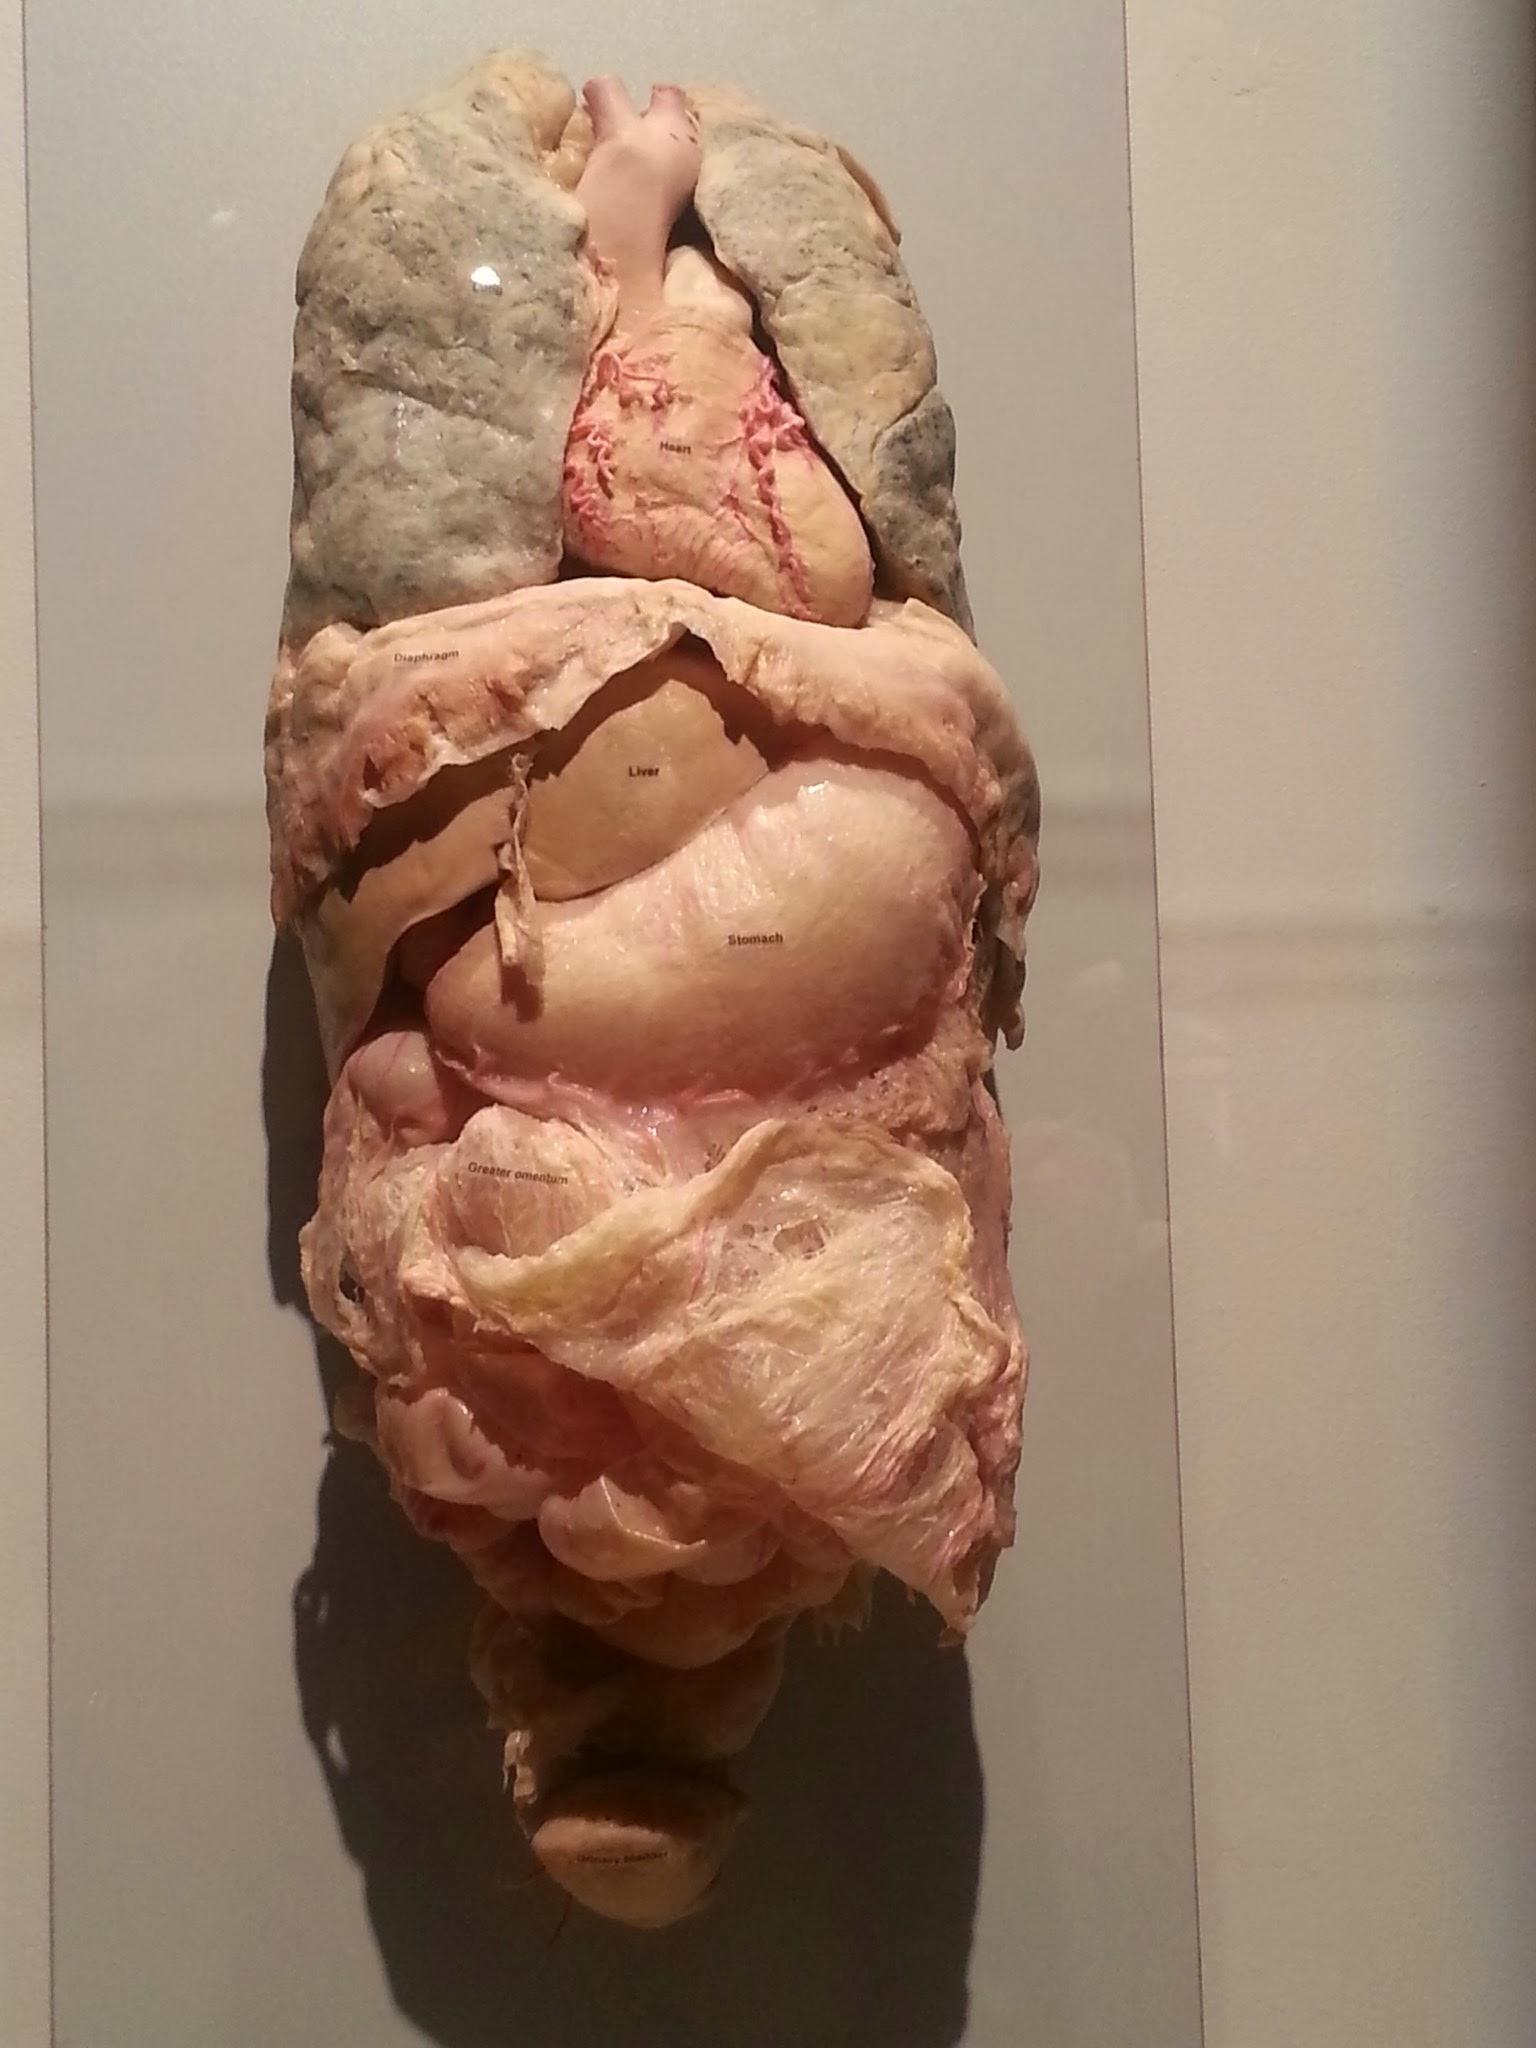 Real Human Internal Organs